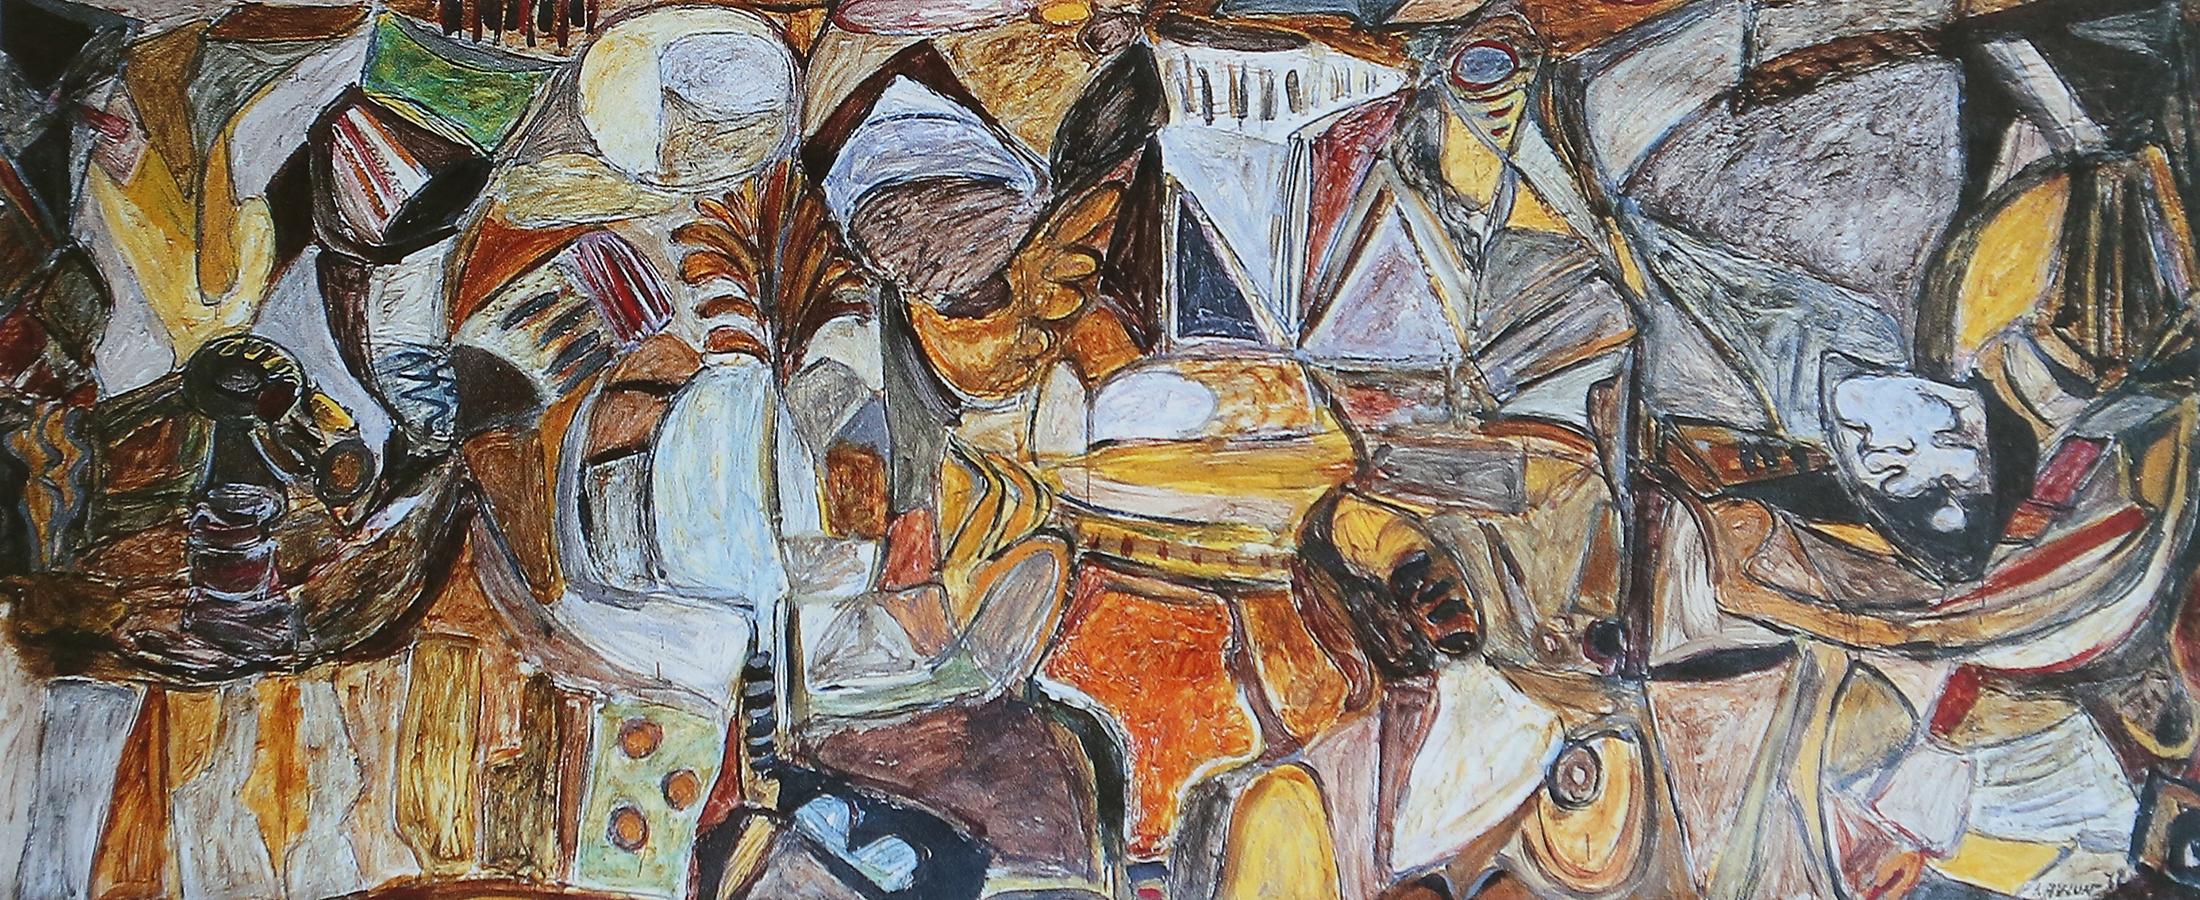 Composition 1972 huile/papier marouflé sur toile 170 x 410 cm